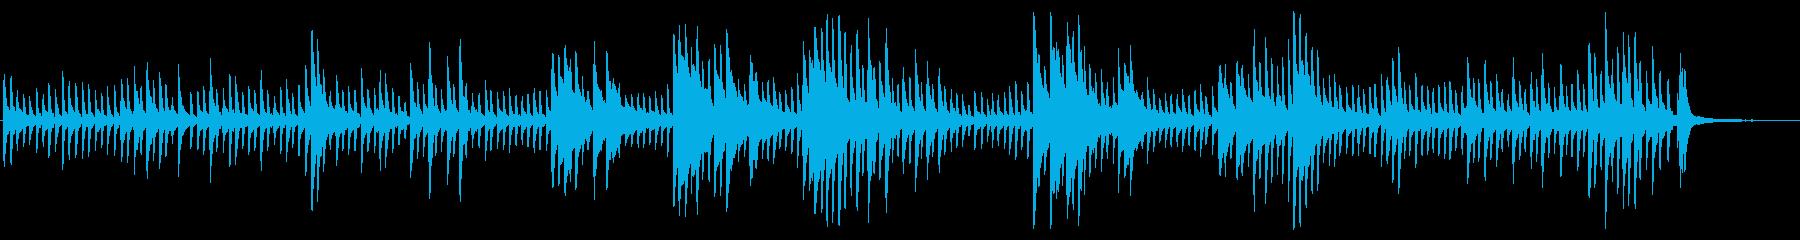 ピアノがキラキラ輝くBGMの再生済みの波形